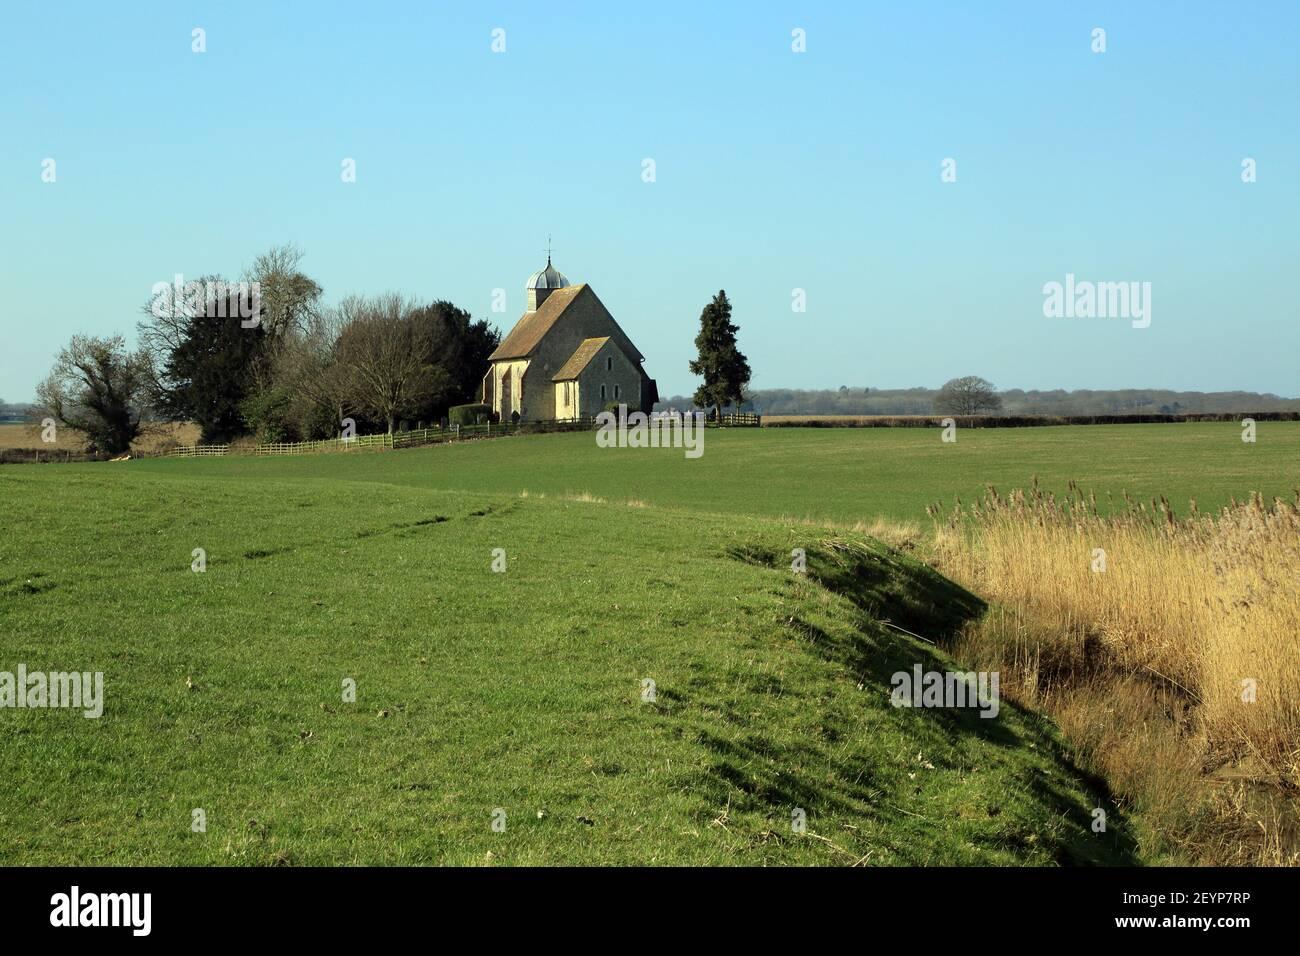 Vue sur l'église de Saint-Rumwold depuis les rives du canal militaire royal, Bonnington près d'Ashford dans le Kent, Angleterre, Royaume-Uni Banque D'Images